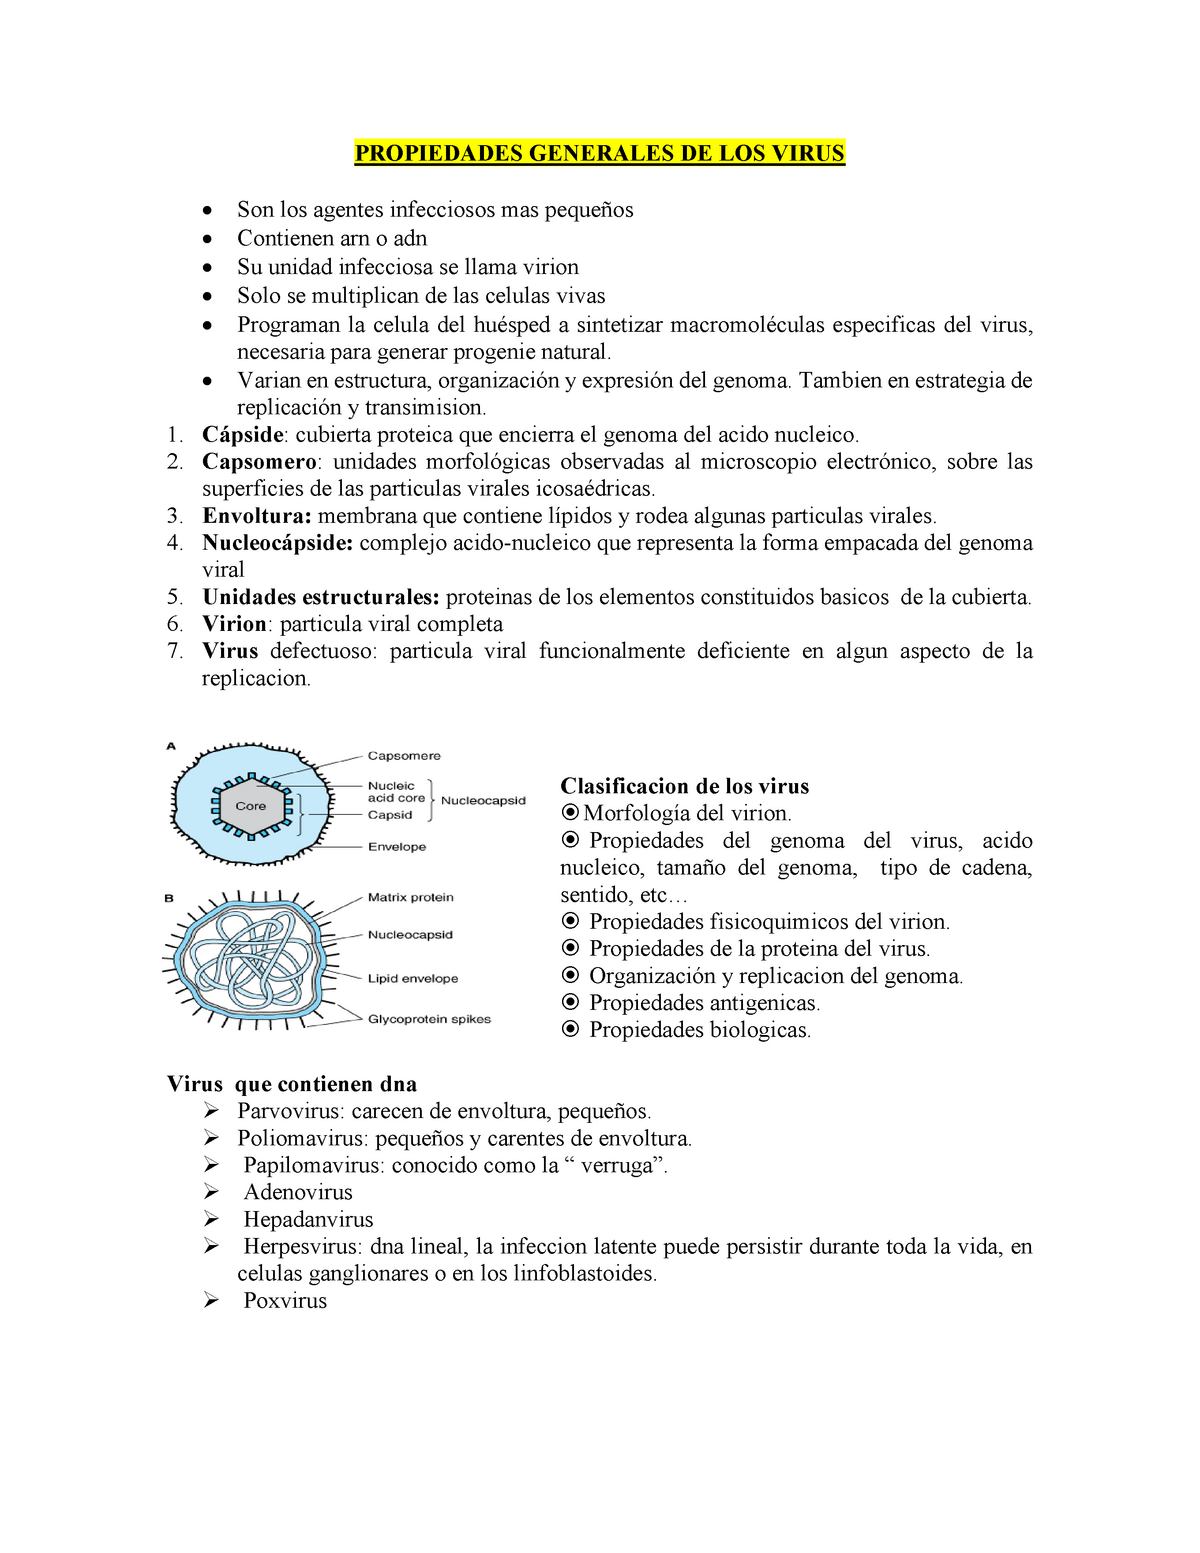 propiedades generales de los virus microbiologia